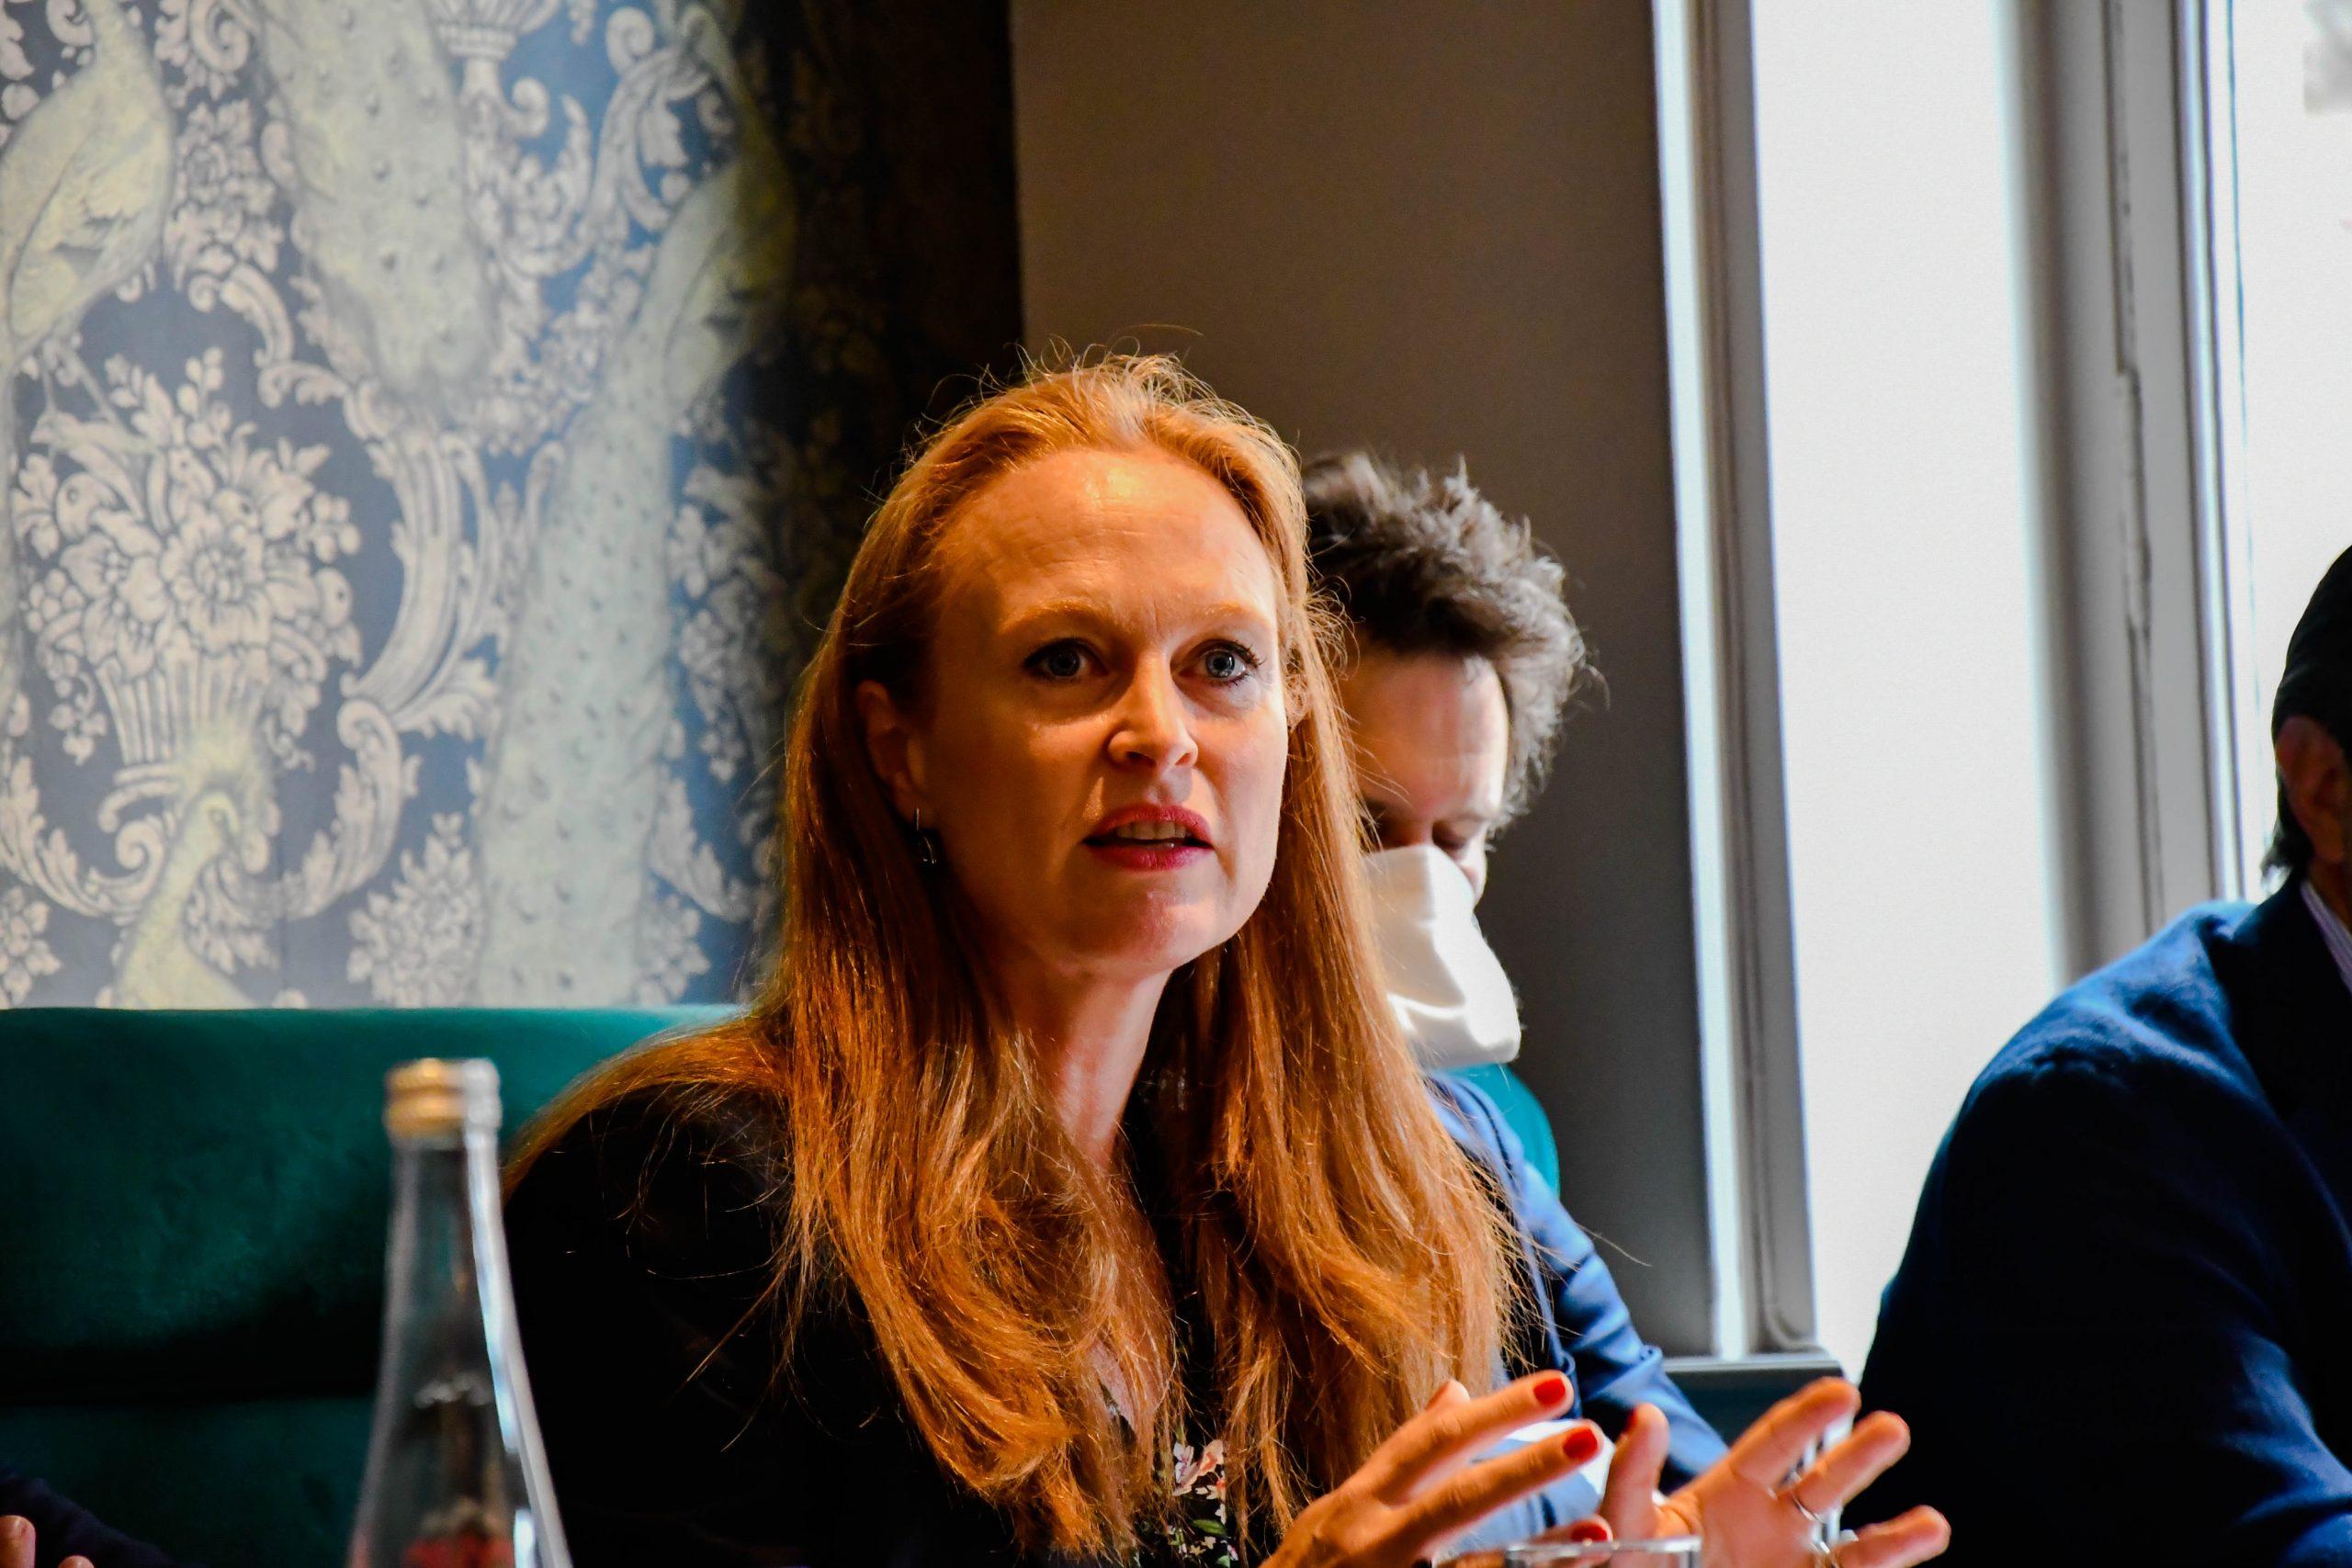 Violette Spillebout lors de la conférence de presse sur l'économie et la MEL en présence de Gérald Darmanin - ©Pierre Bourgès